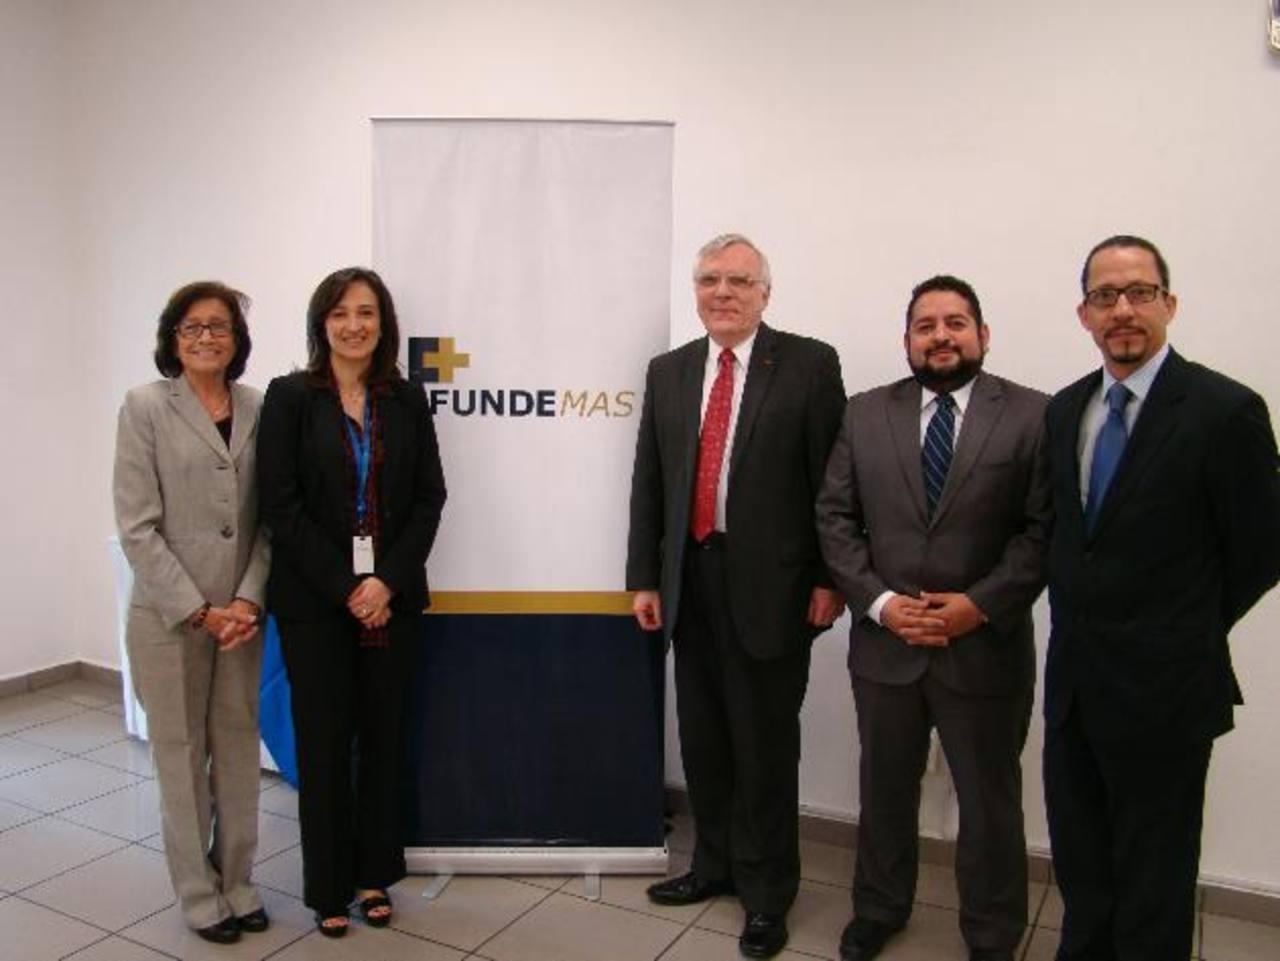 El conversatorio generó un gran compromiso por parte de Fundemas para seguir impulsando la RSE en el país. Foto EDH / Luis Cerón